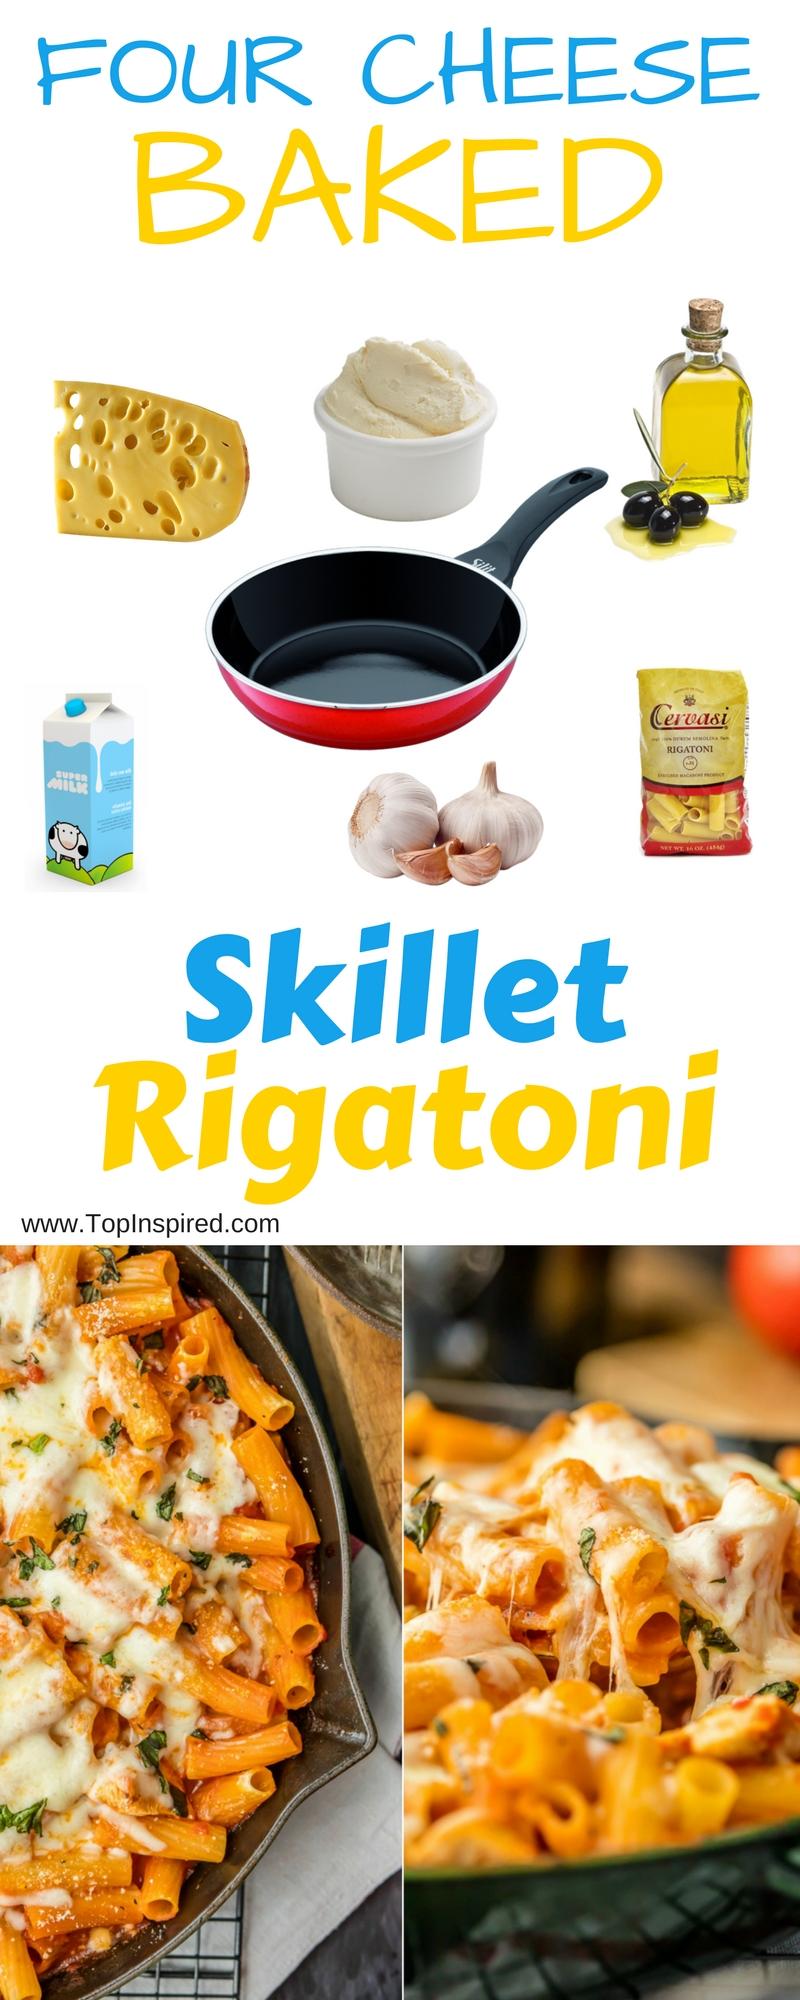 Skillet-Rigatoni